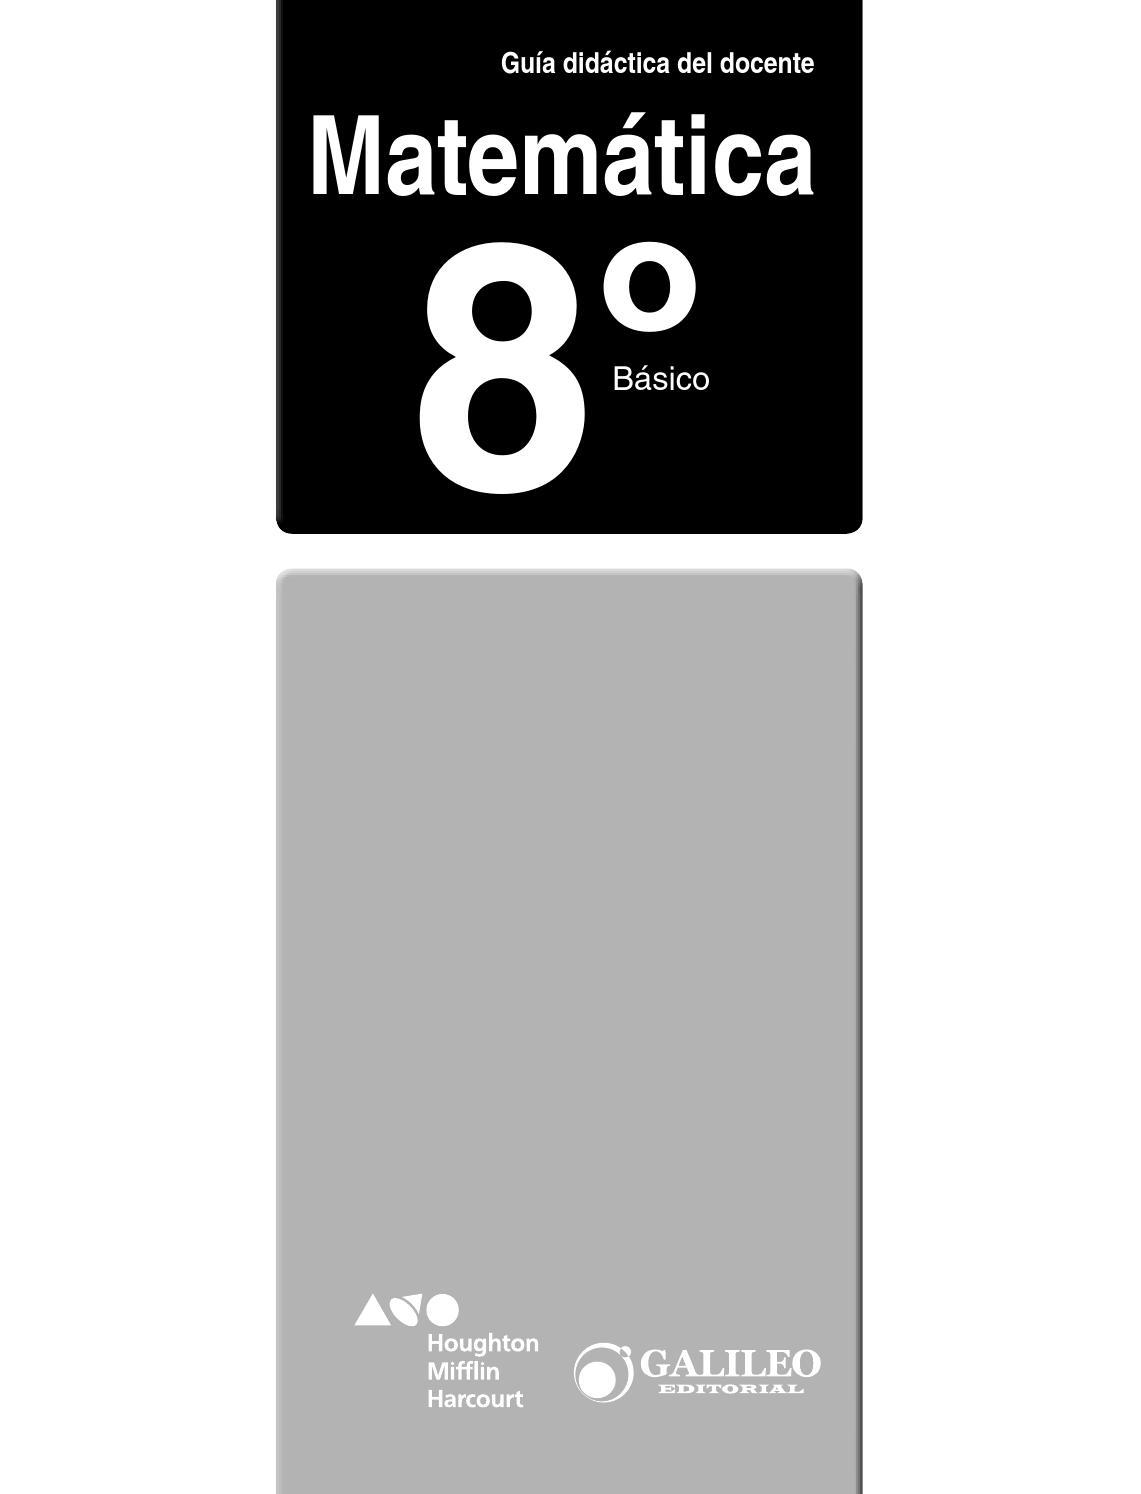 Mate 8º docente by soledad carrasco - issuu